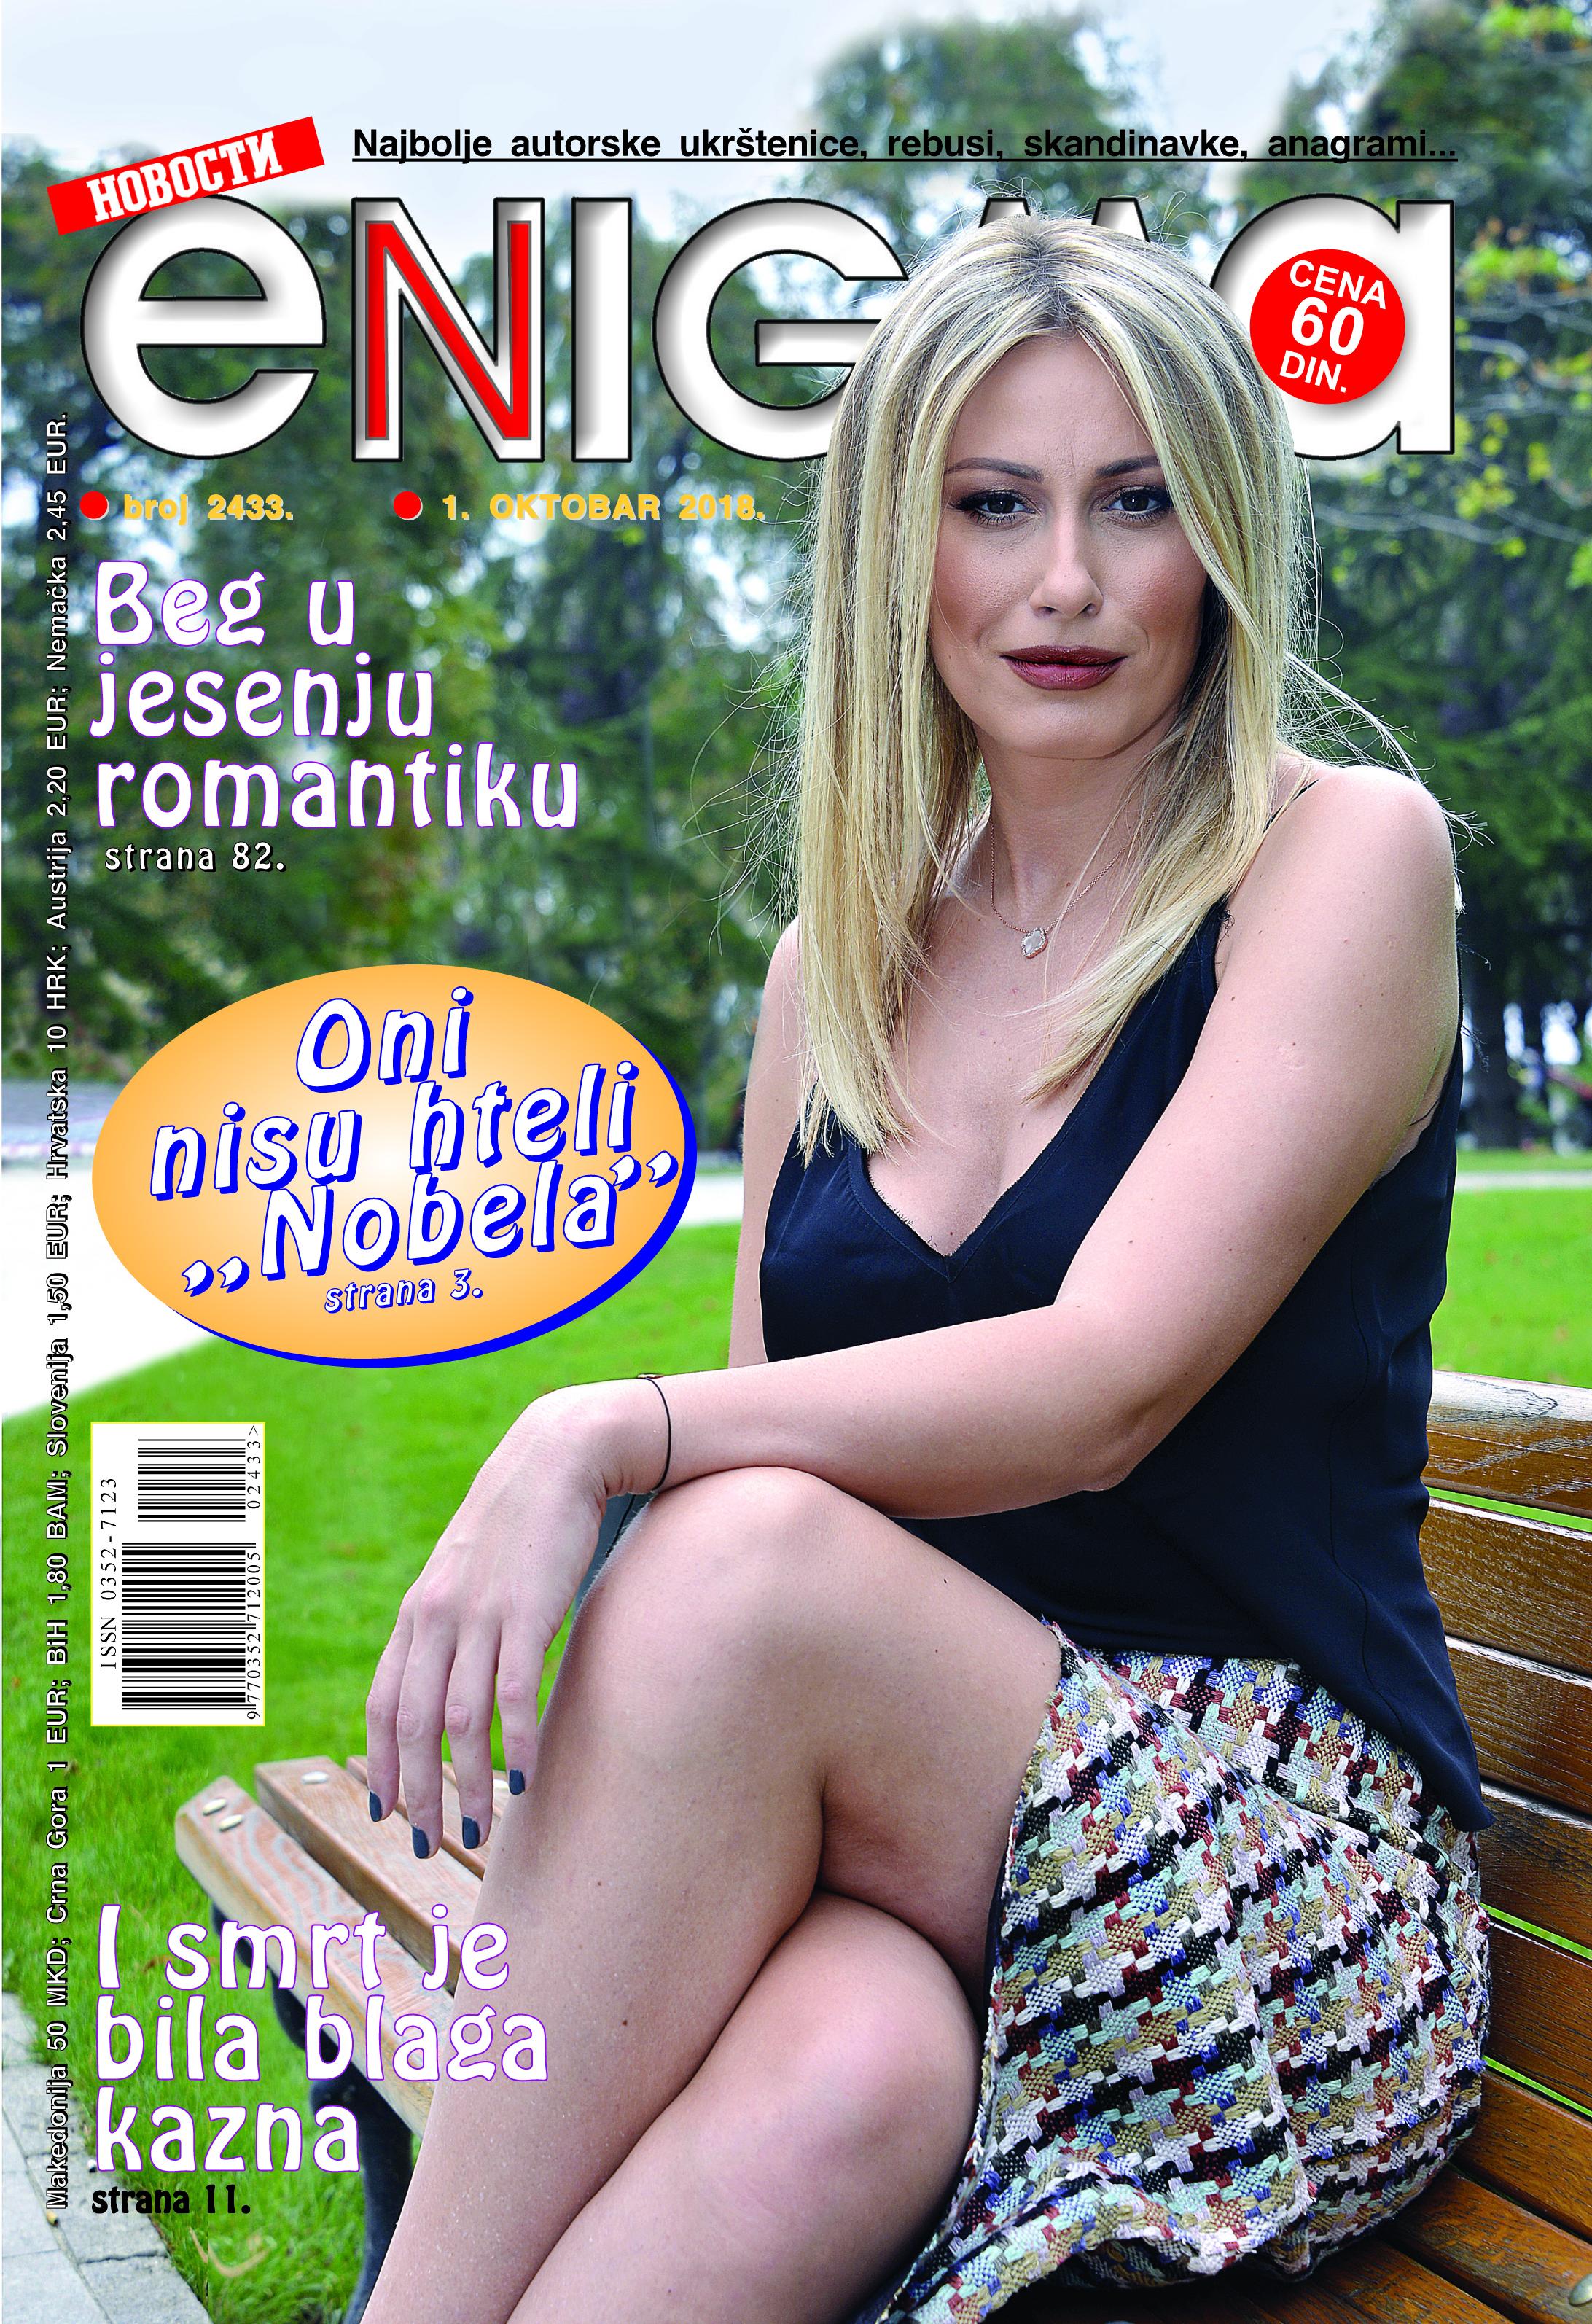 ENIGMA naslovna 2433